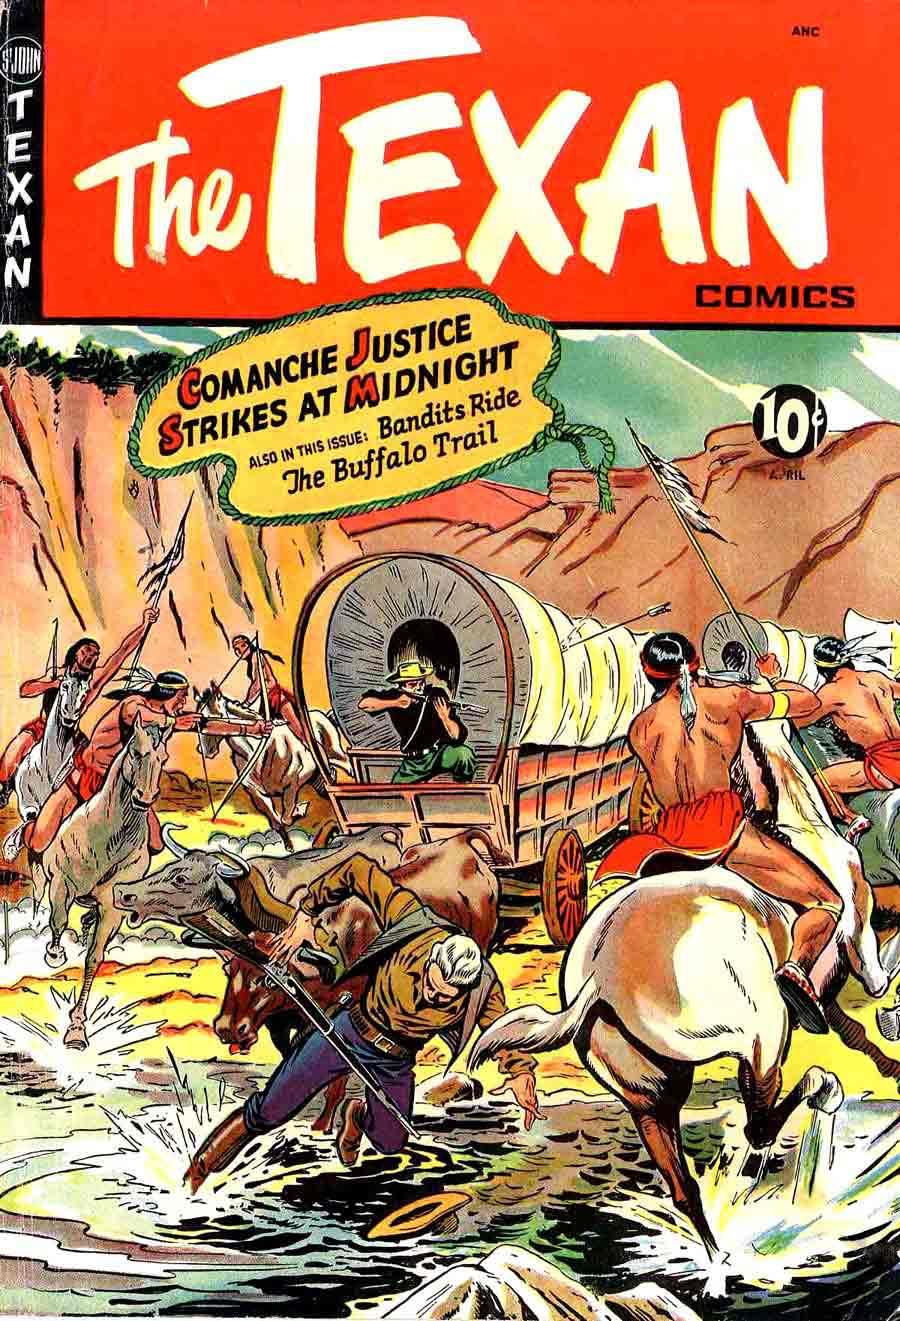 Matt Baker golden age 1950s st. john western comic book cover art - Texan #7